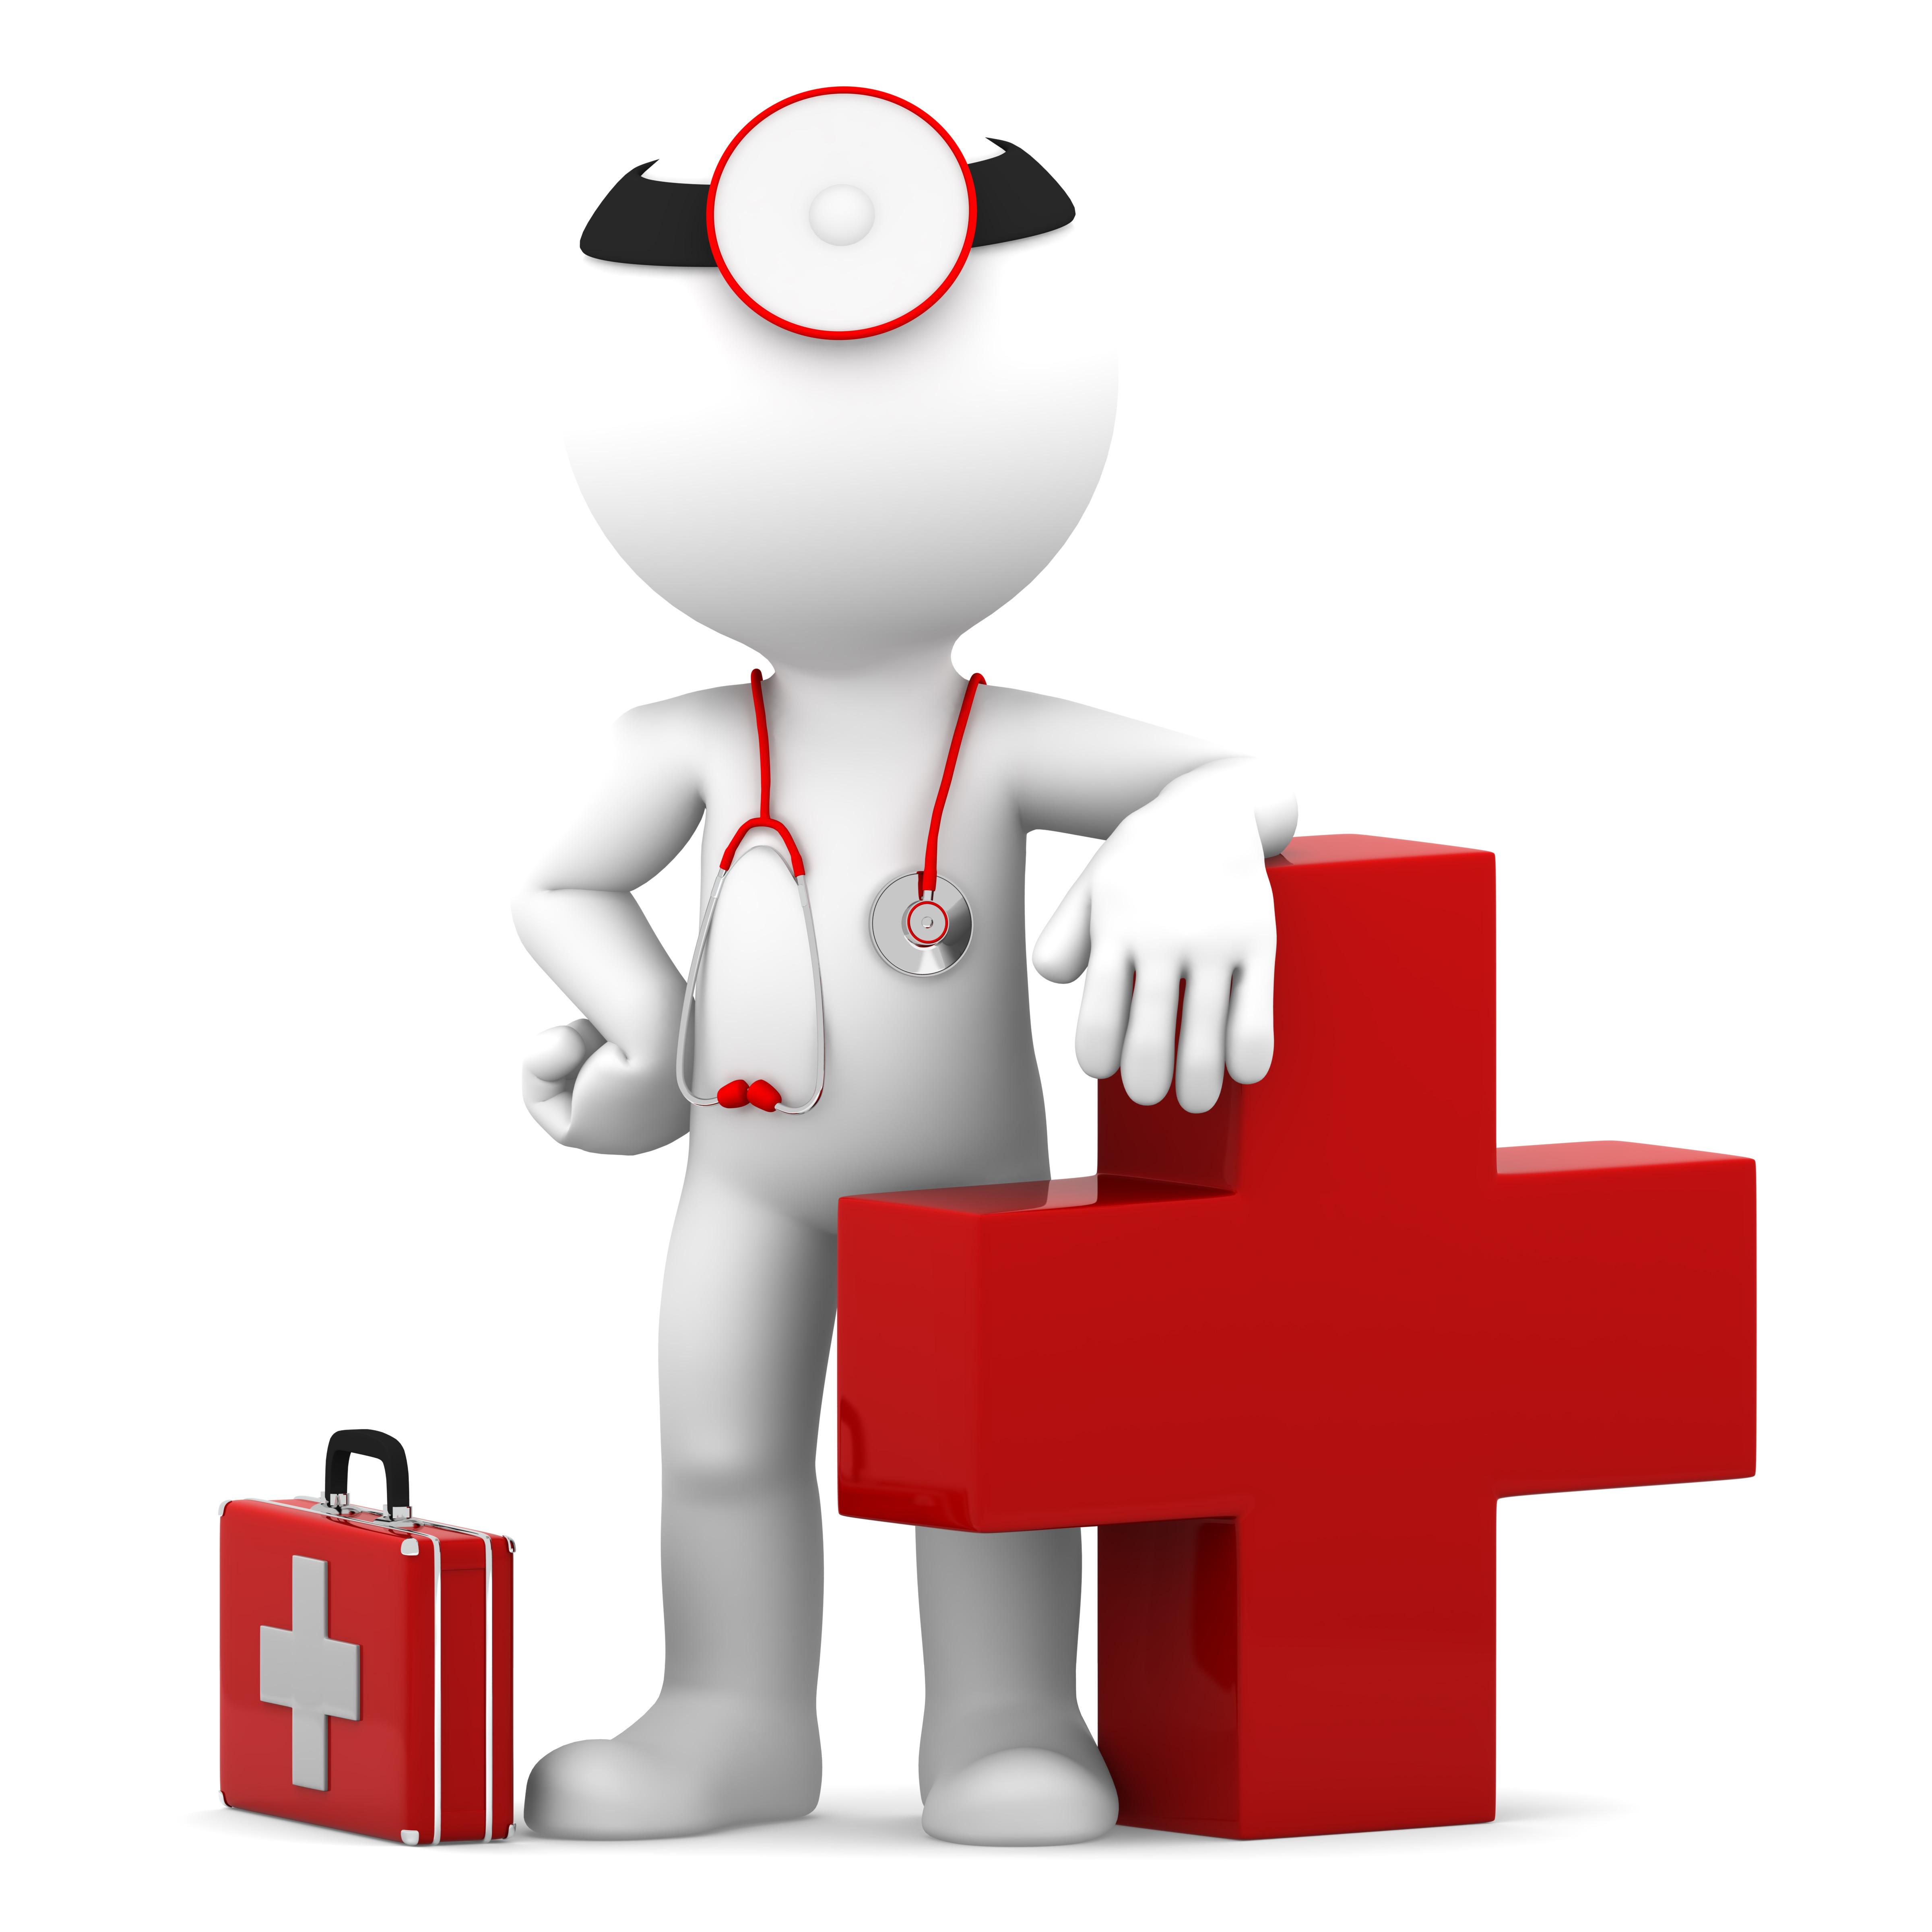 5a3b6d762b7d62e75838_Medic_-_Red_Cross_cartoon_graphic.jpg